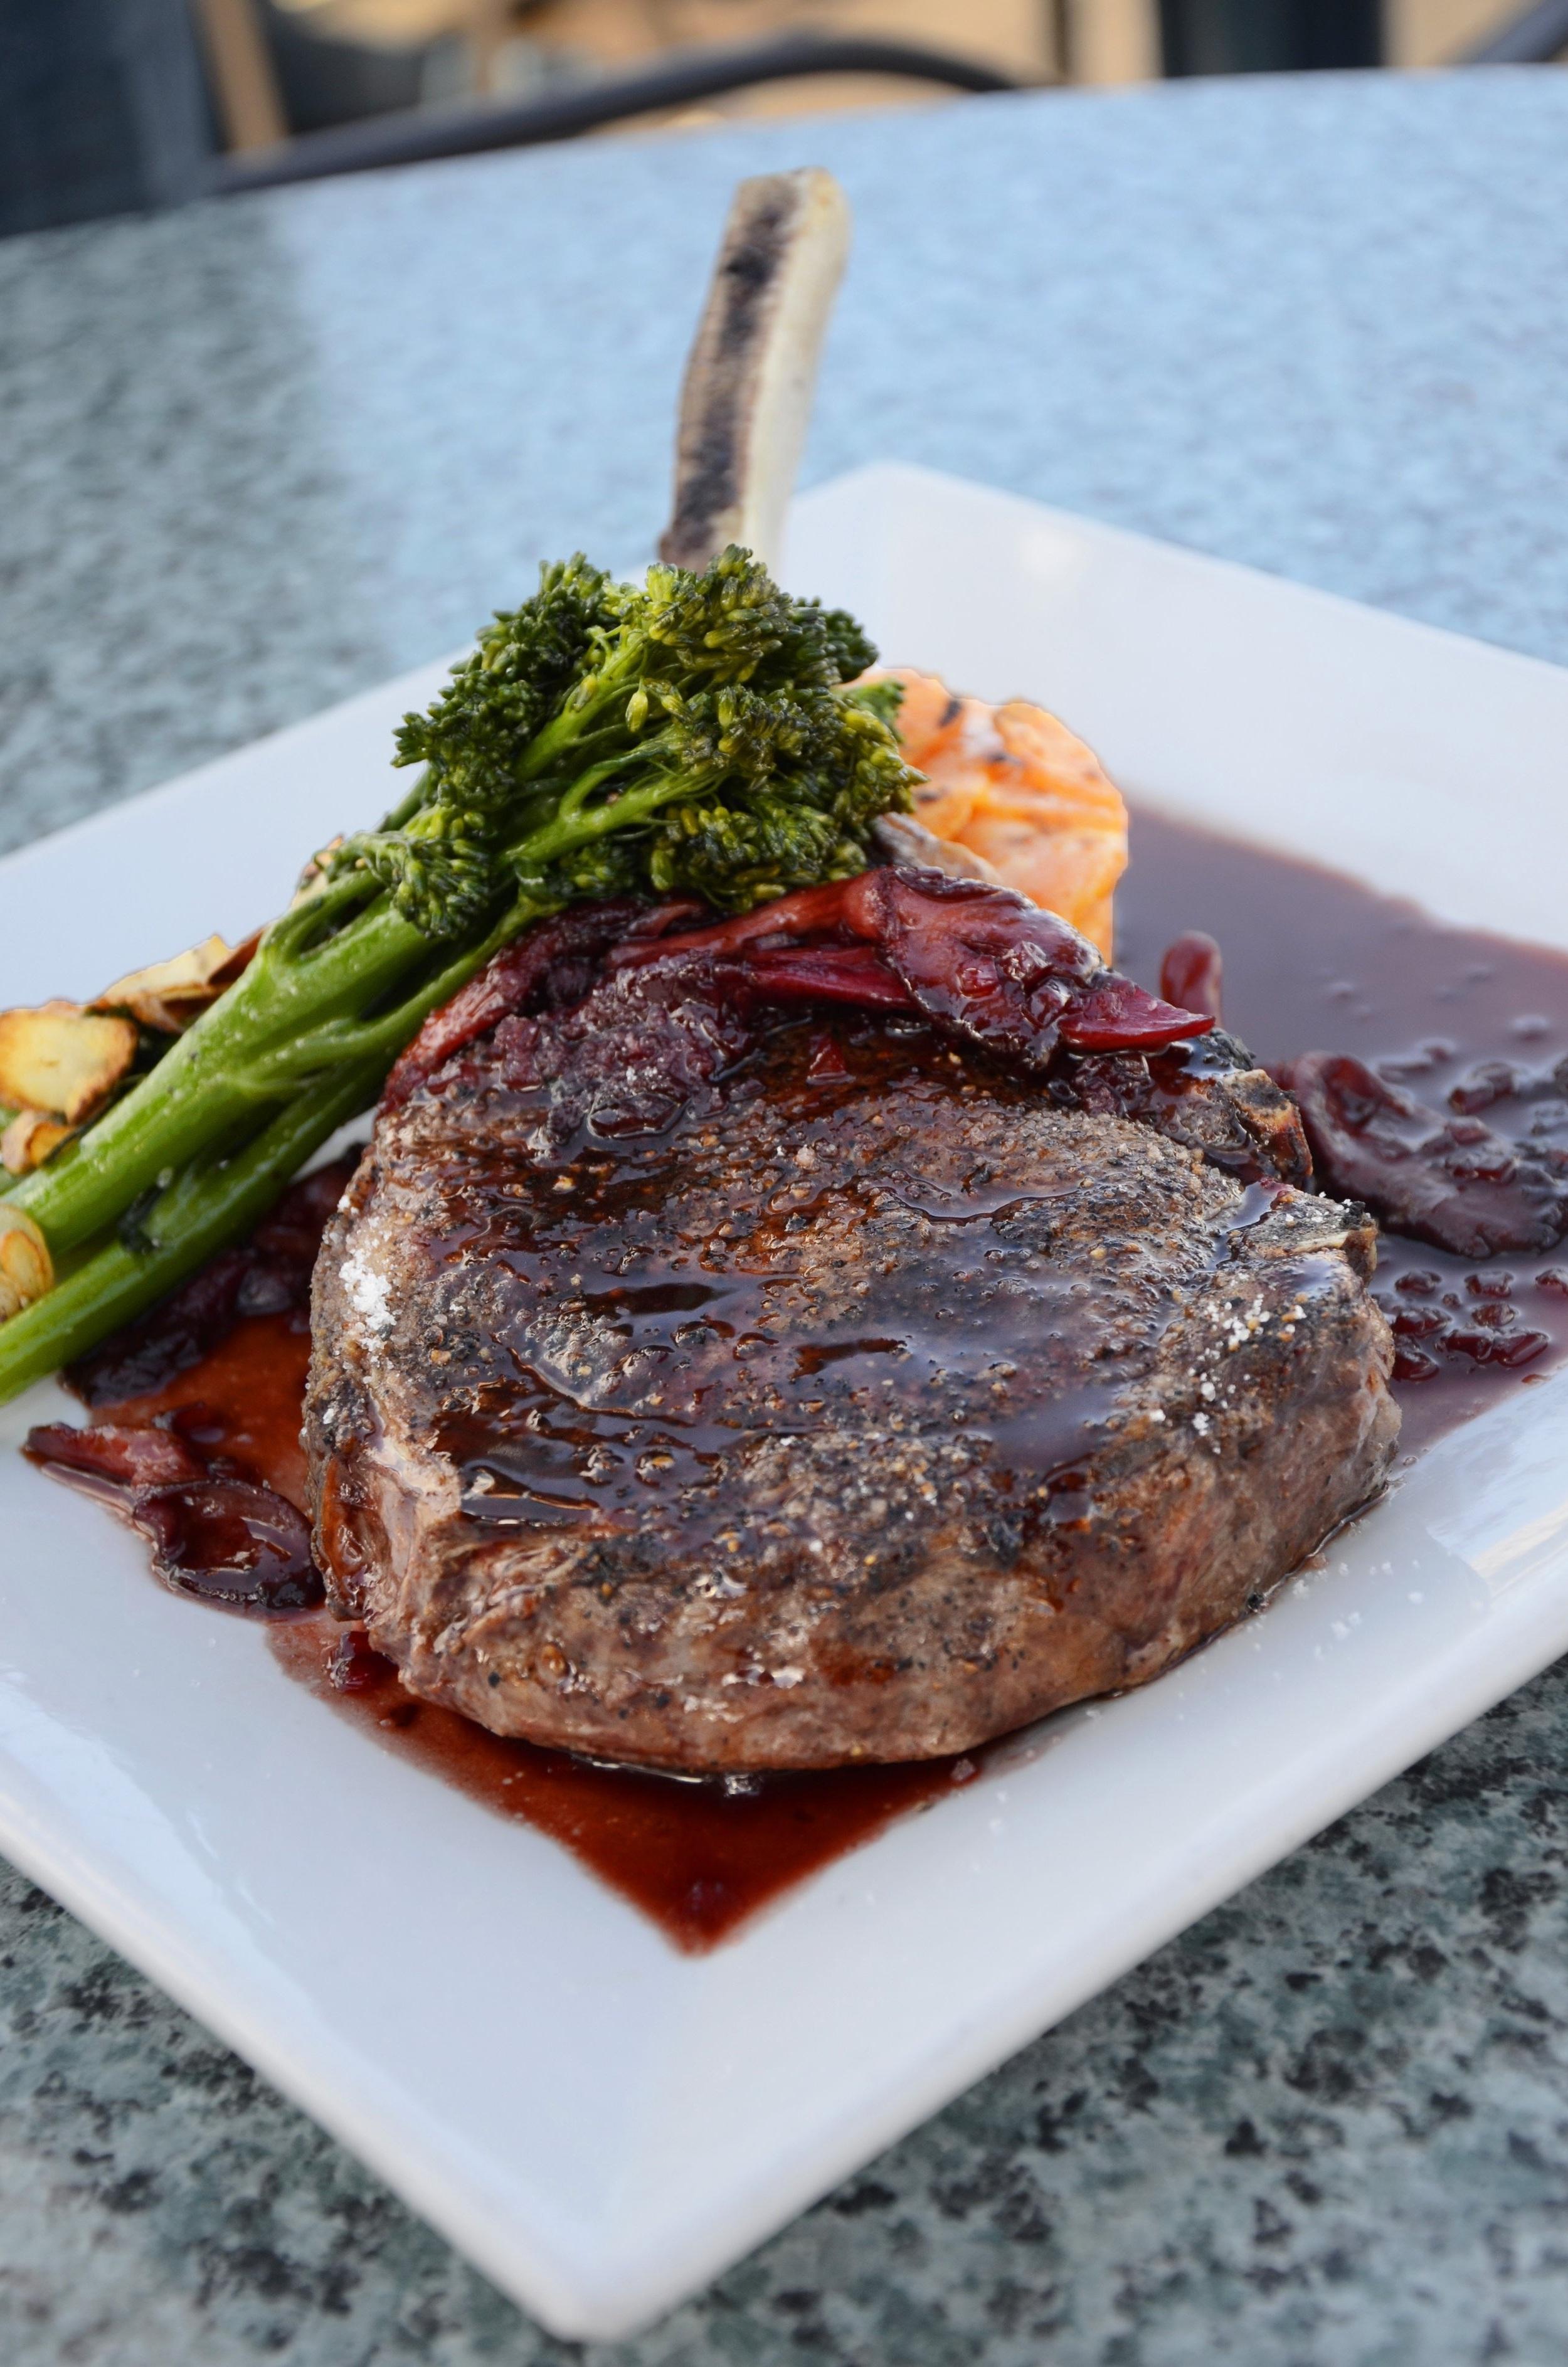 Riducete il consumo di carne rossa! Essa contiene la carnitina, una sostanza responsabile dell'invecchiamento precoce dei tessuti. -